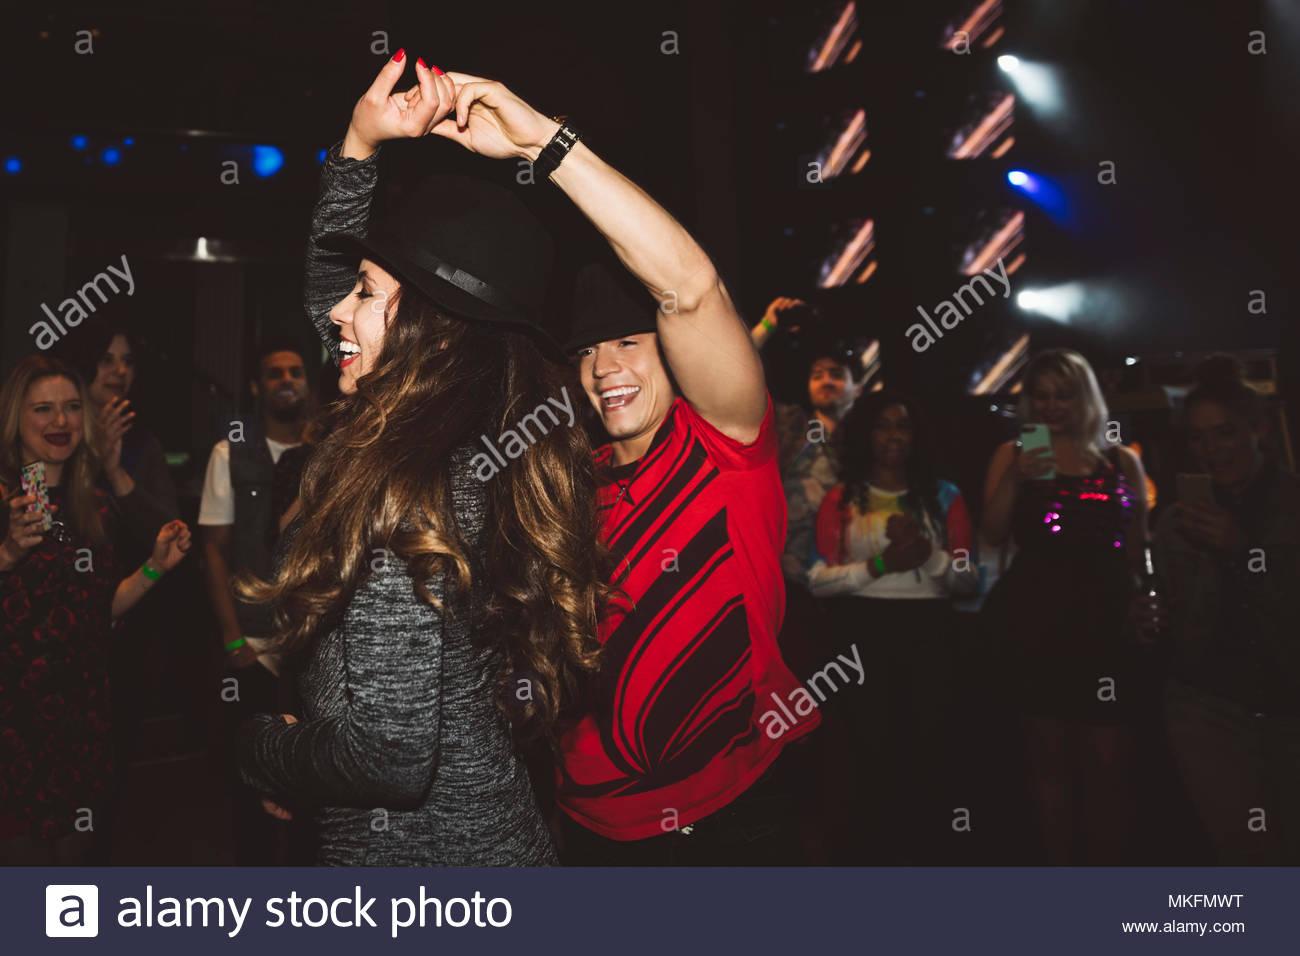 Felice giovane coppia millenario Ballare in discoteca dance floor Immagini Stock